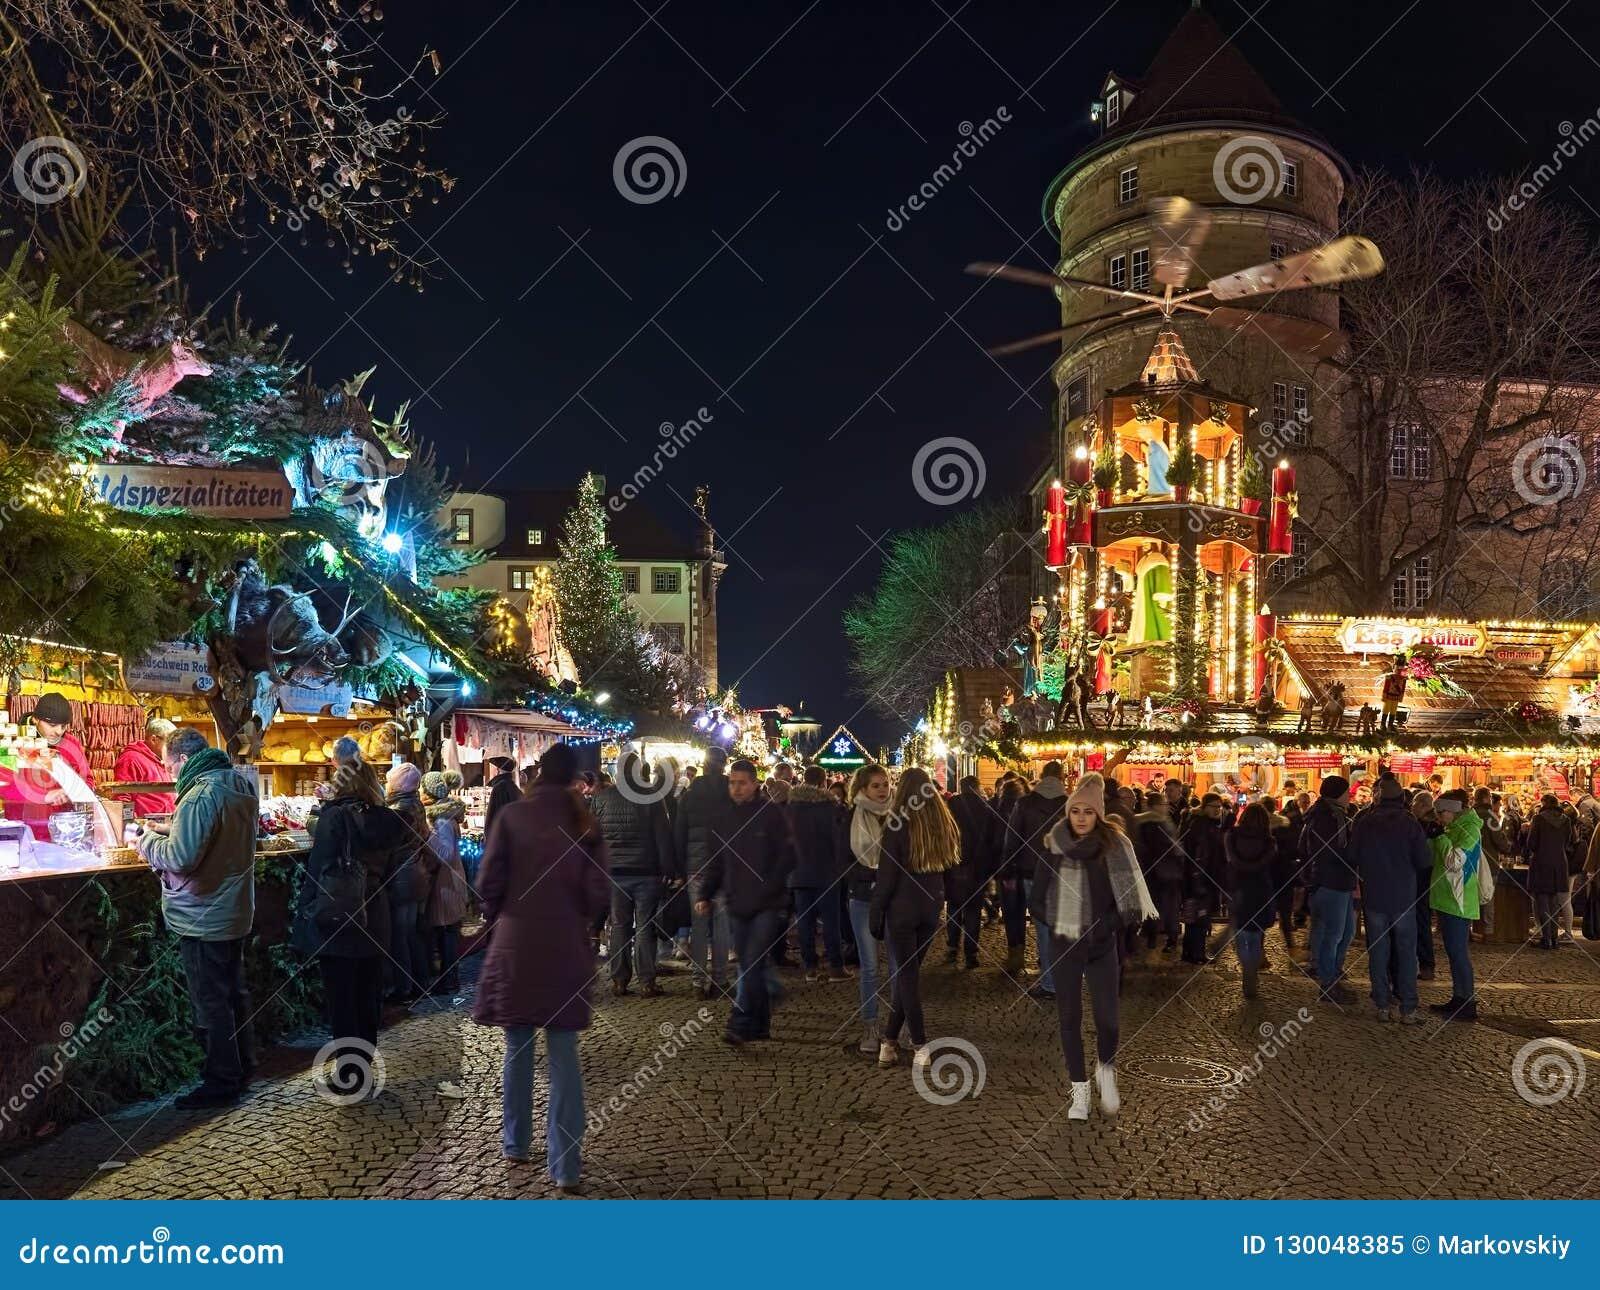 Christmas In Stuttgart Germany.Christmas Market Close To Old Castle In Stuttgart Germany